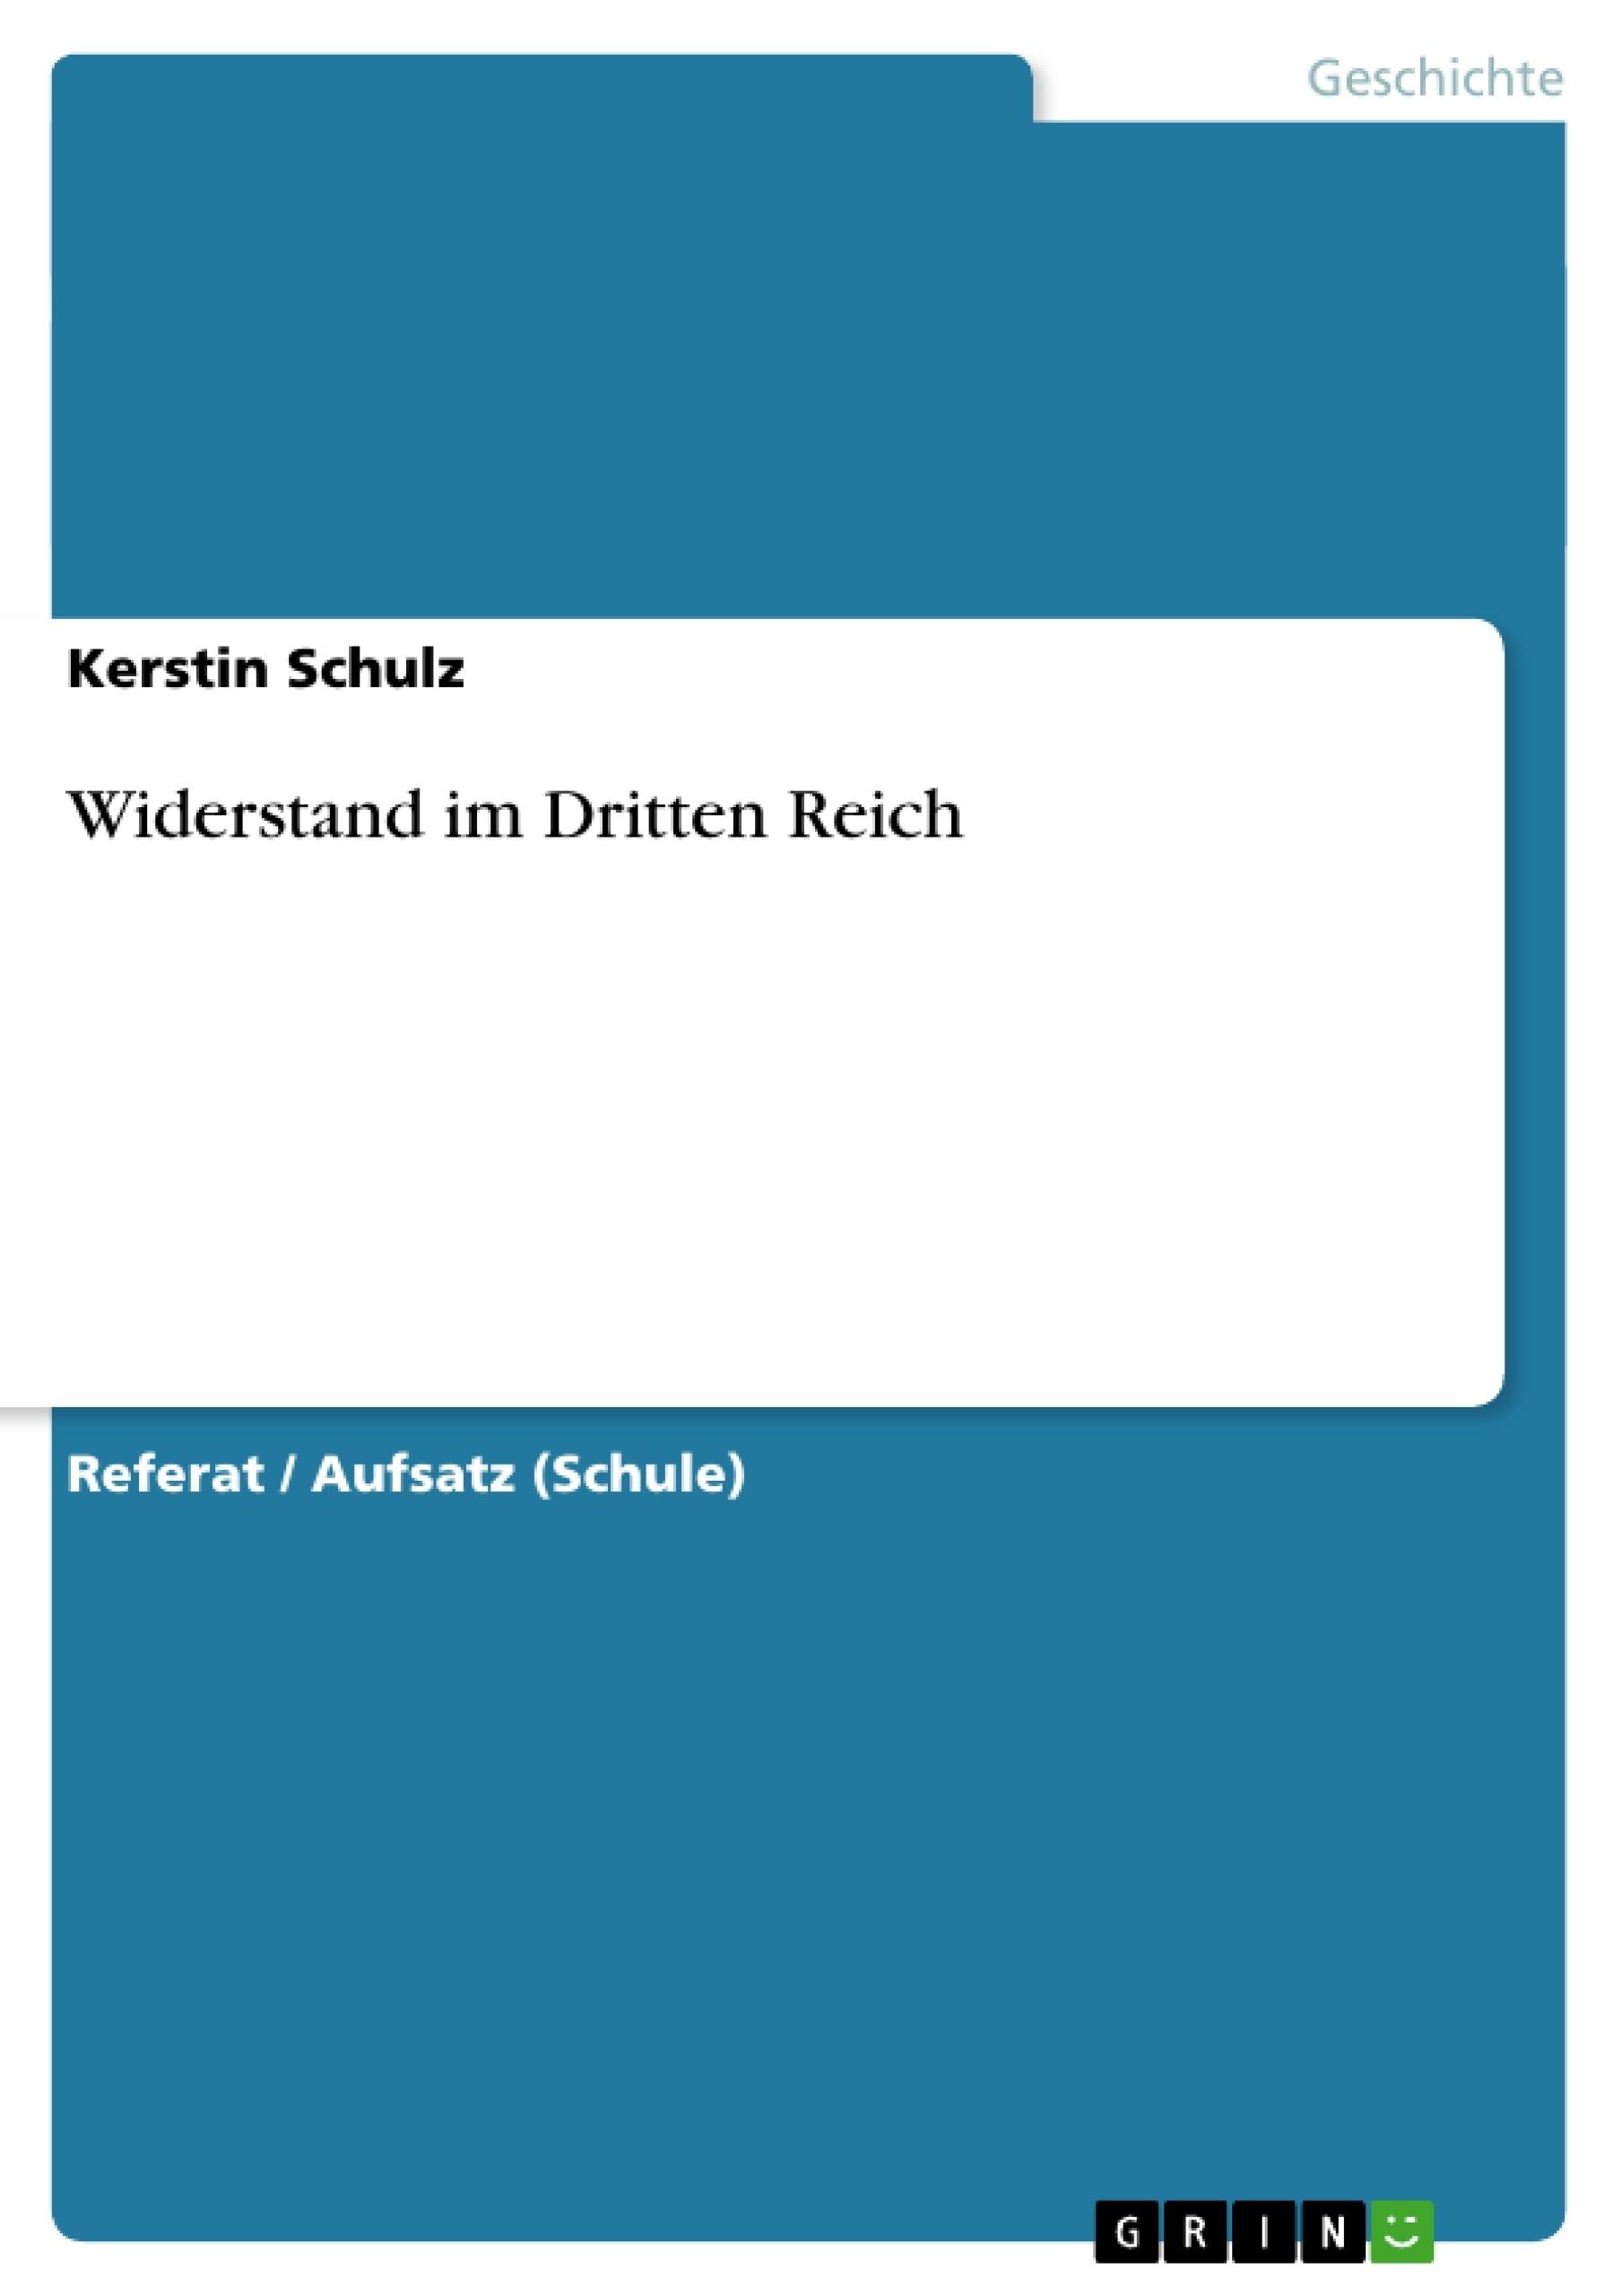 Titel: Widerstand im Dritten Reich